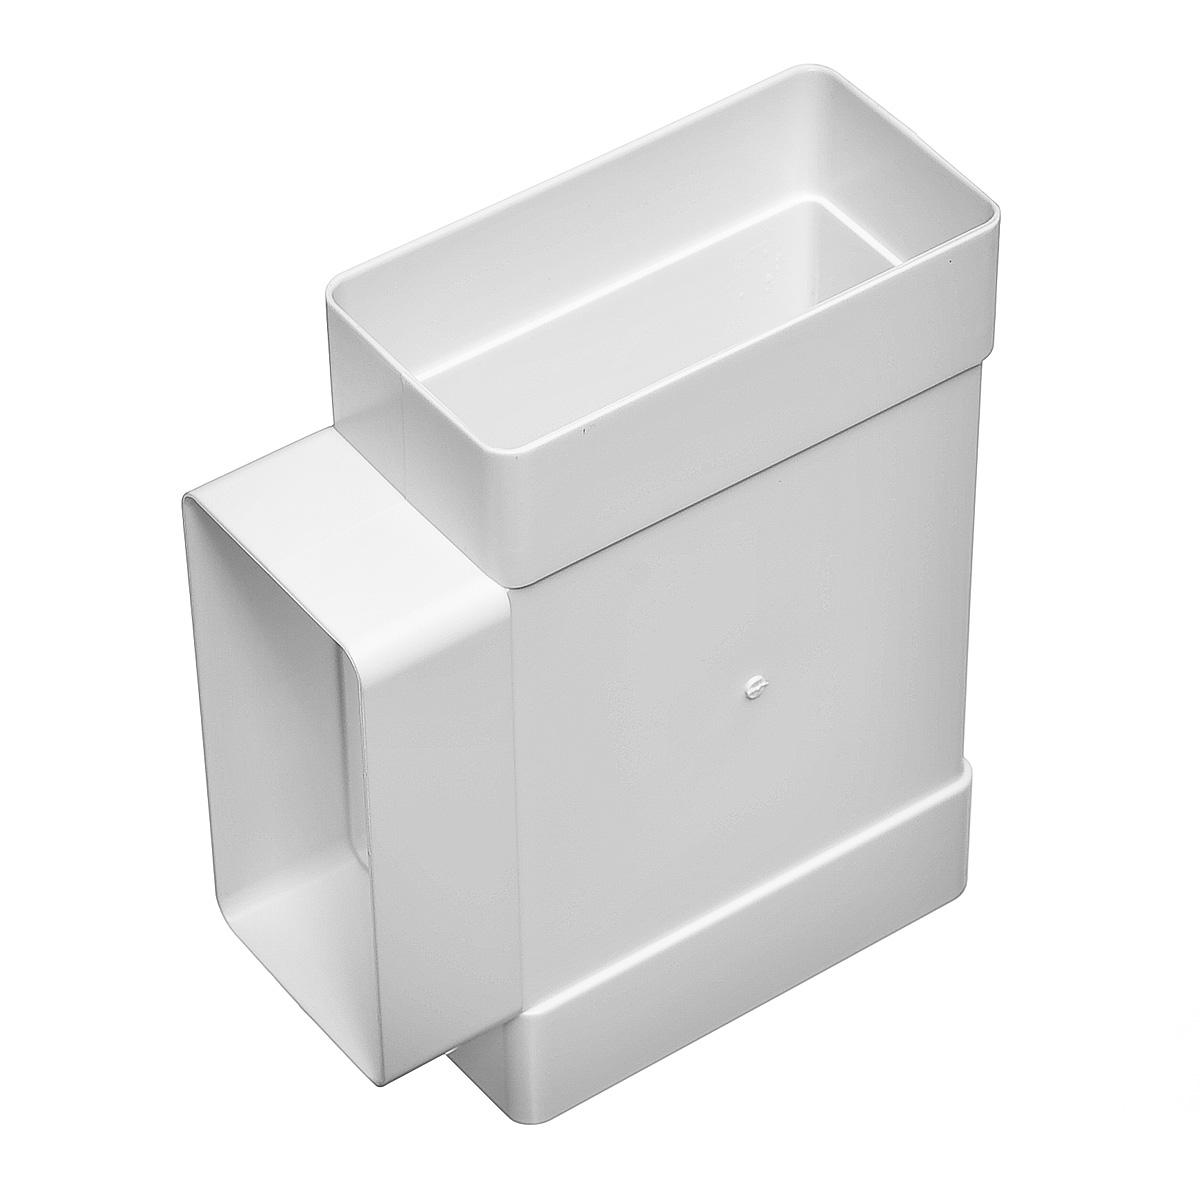 Купить Тройник для вентиляционных коробов пластиковый 55х110 мм, угол 90° — Фото №1